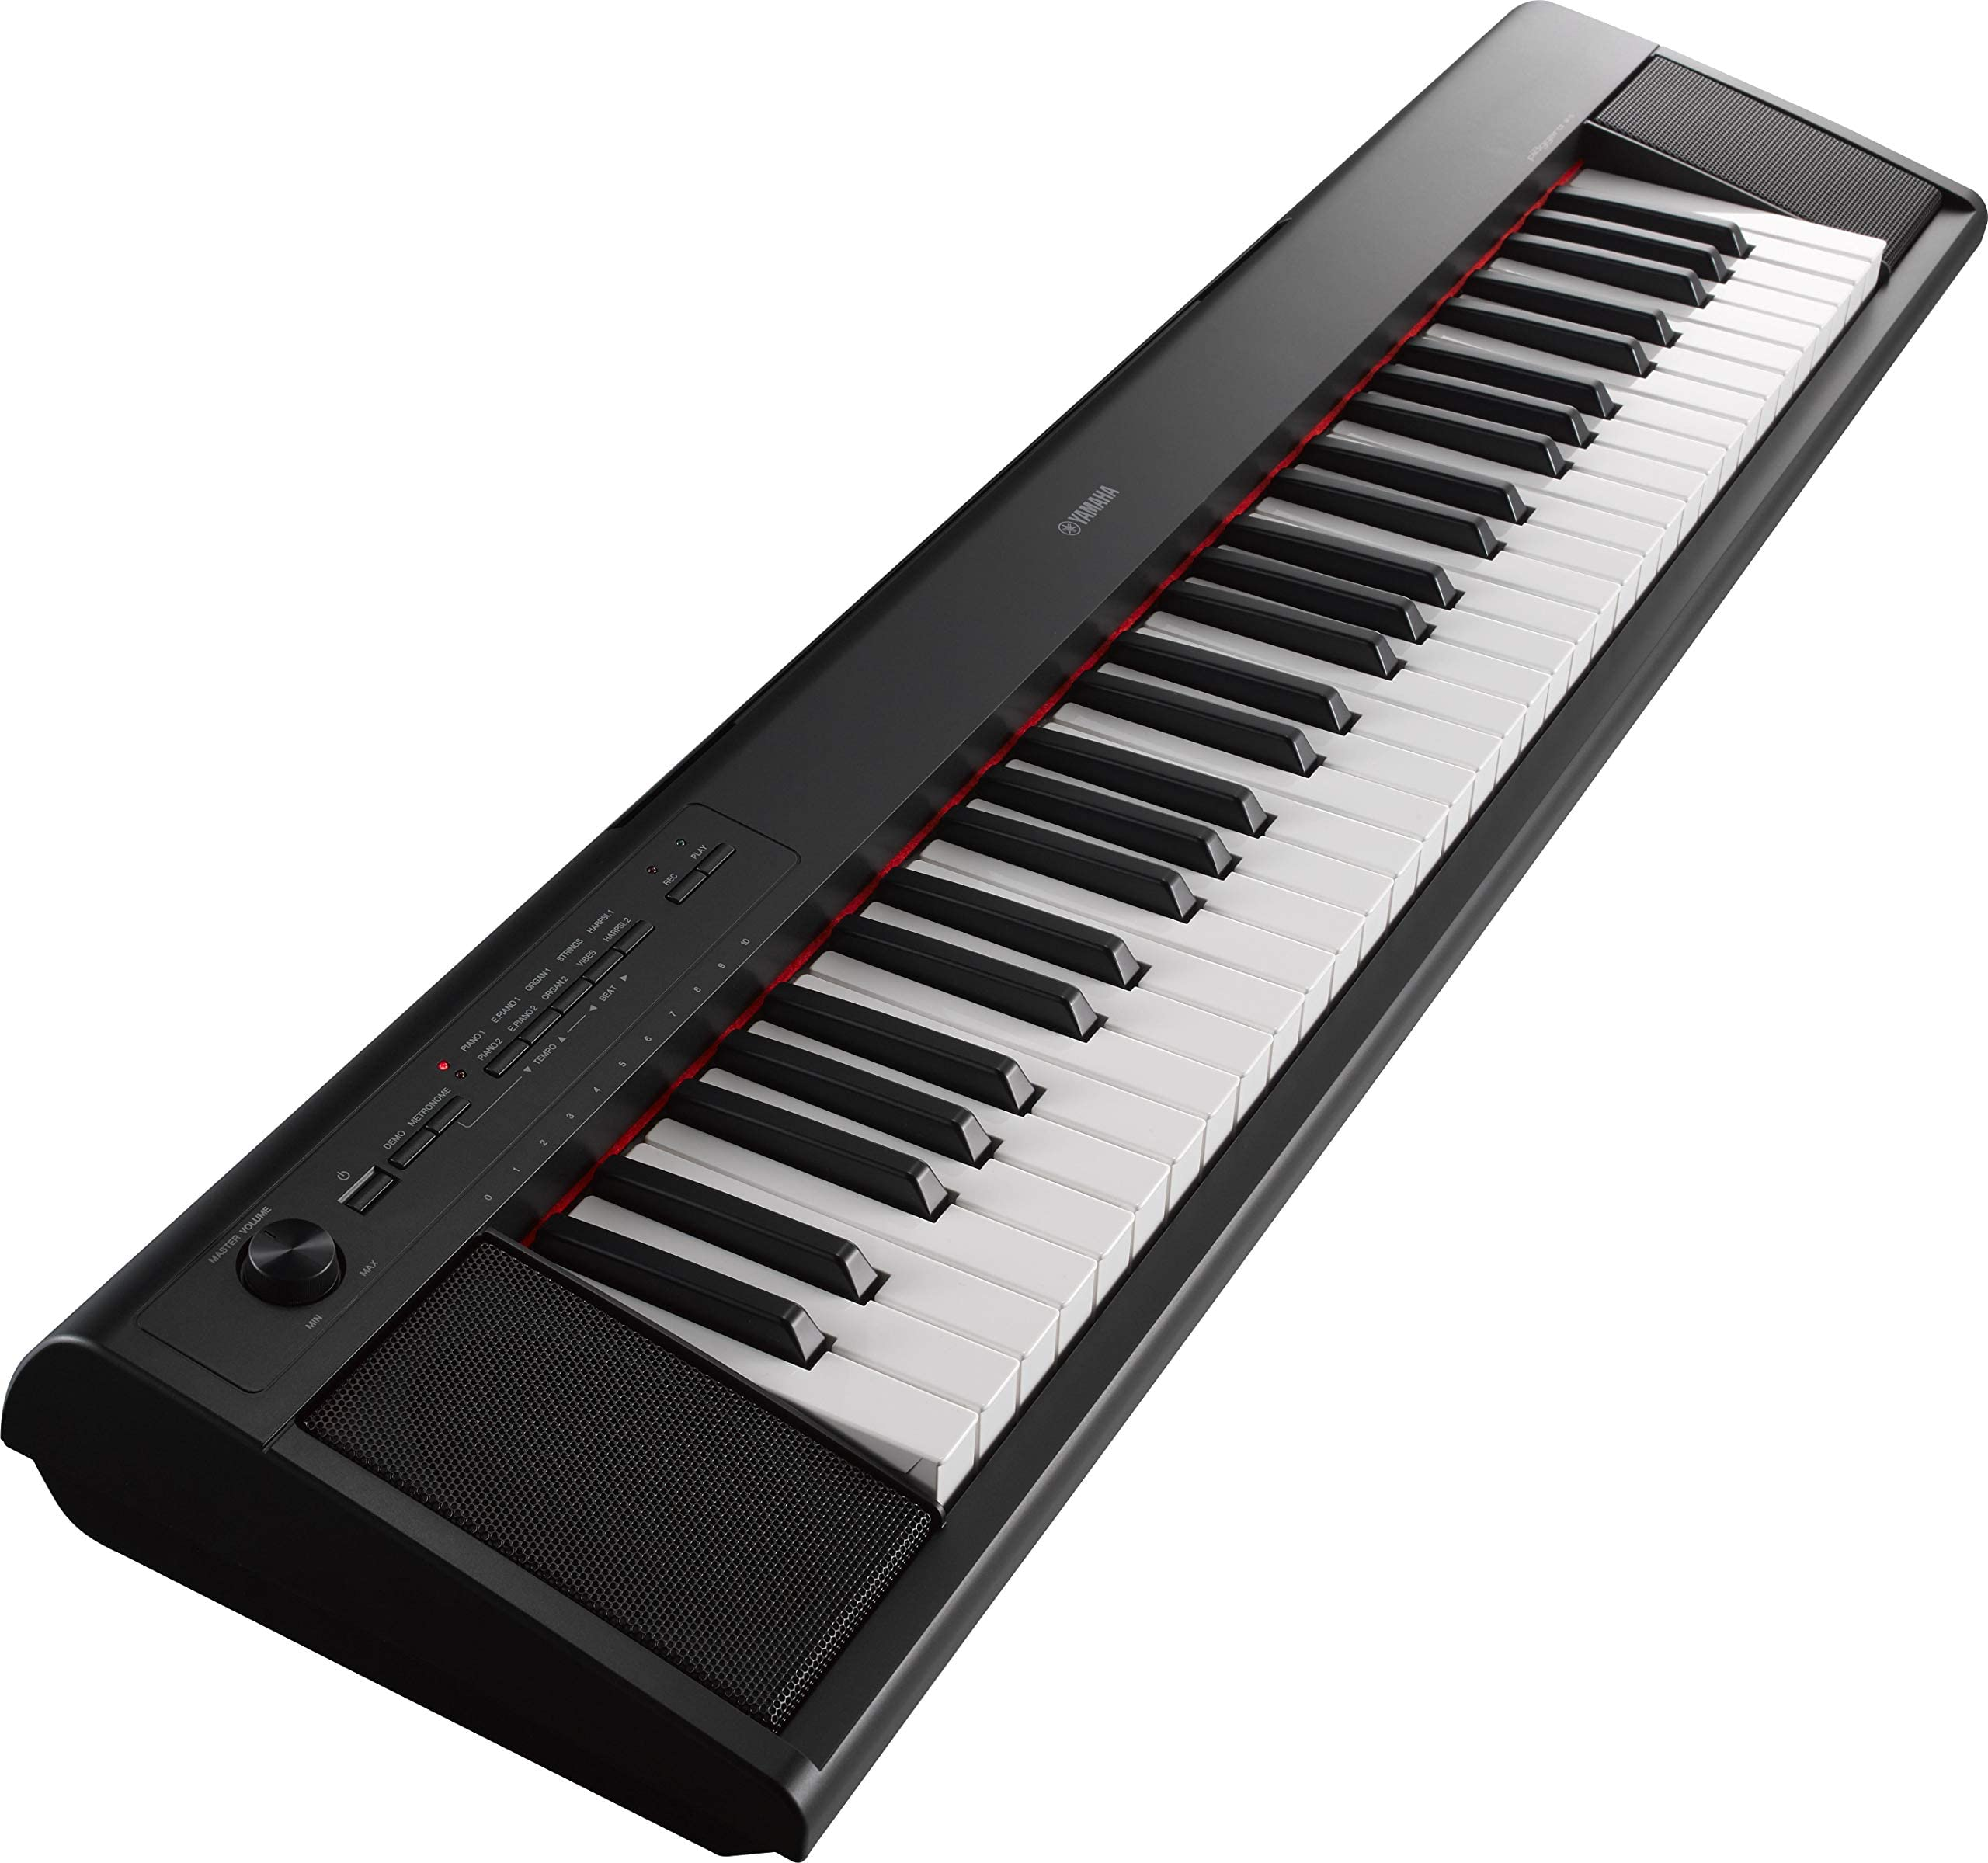 سعر بيانو بياجيرو رقمي للموسيقيين من ياماها لون اسود Np 12 فى السعودية بواسطة امازون السعودية كان بكام